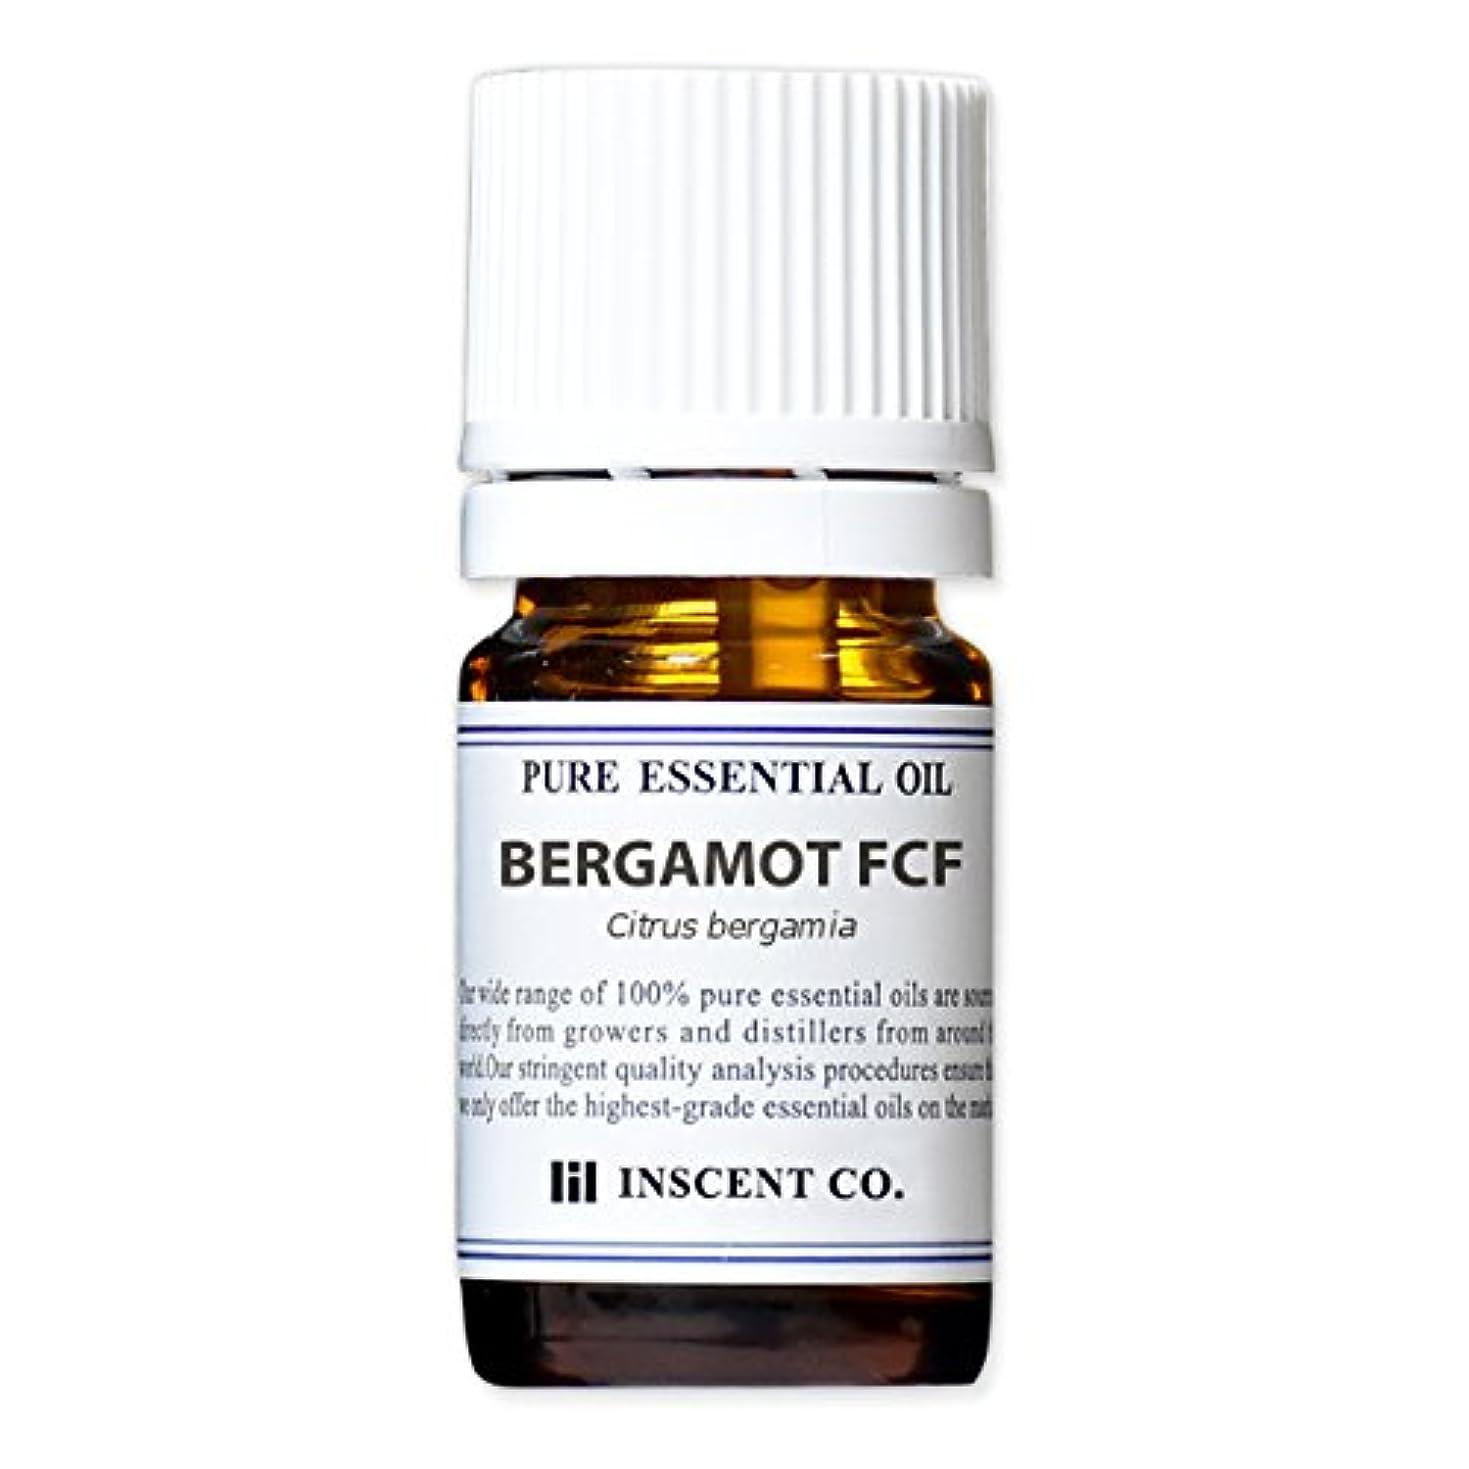 急流反対に素晴らしさベルガモット FCF (ベルガプテンフリー) 5ml インセント アロマオイル AEAJ 表示基準適合認定精油 (フロクマリンフリー)